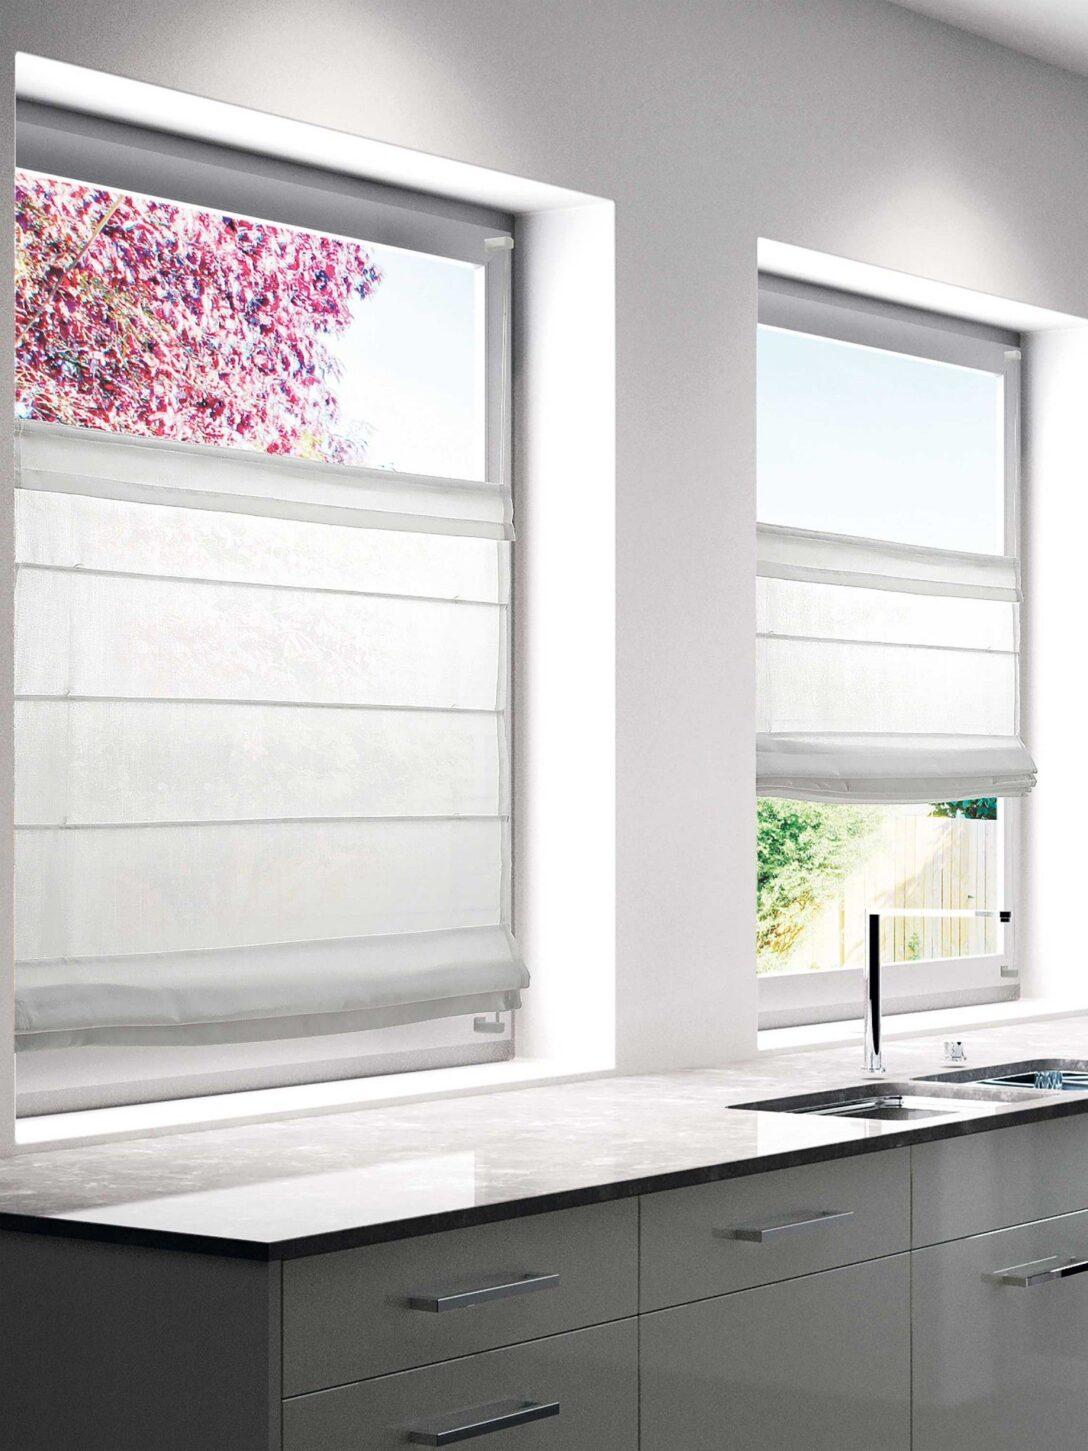 Large Size of Window Covering Ideas Kchenfenster Gardinen Fenster Küche Für Schlafzimmer Die Wohnzimmer Scheibengardinen Wohnzimmer Küchenfenster Gardinen